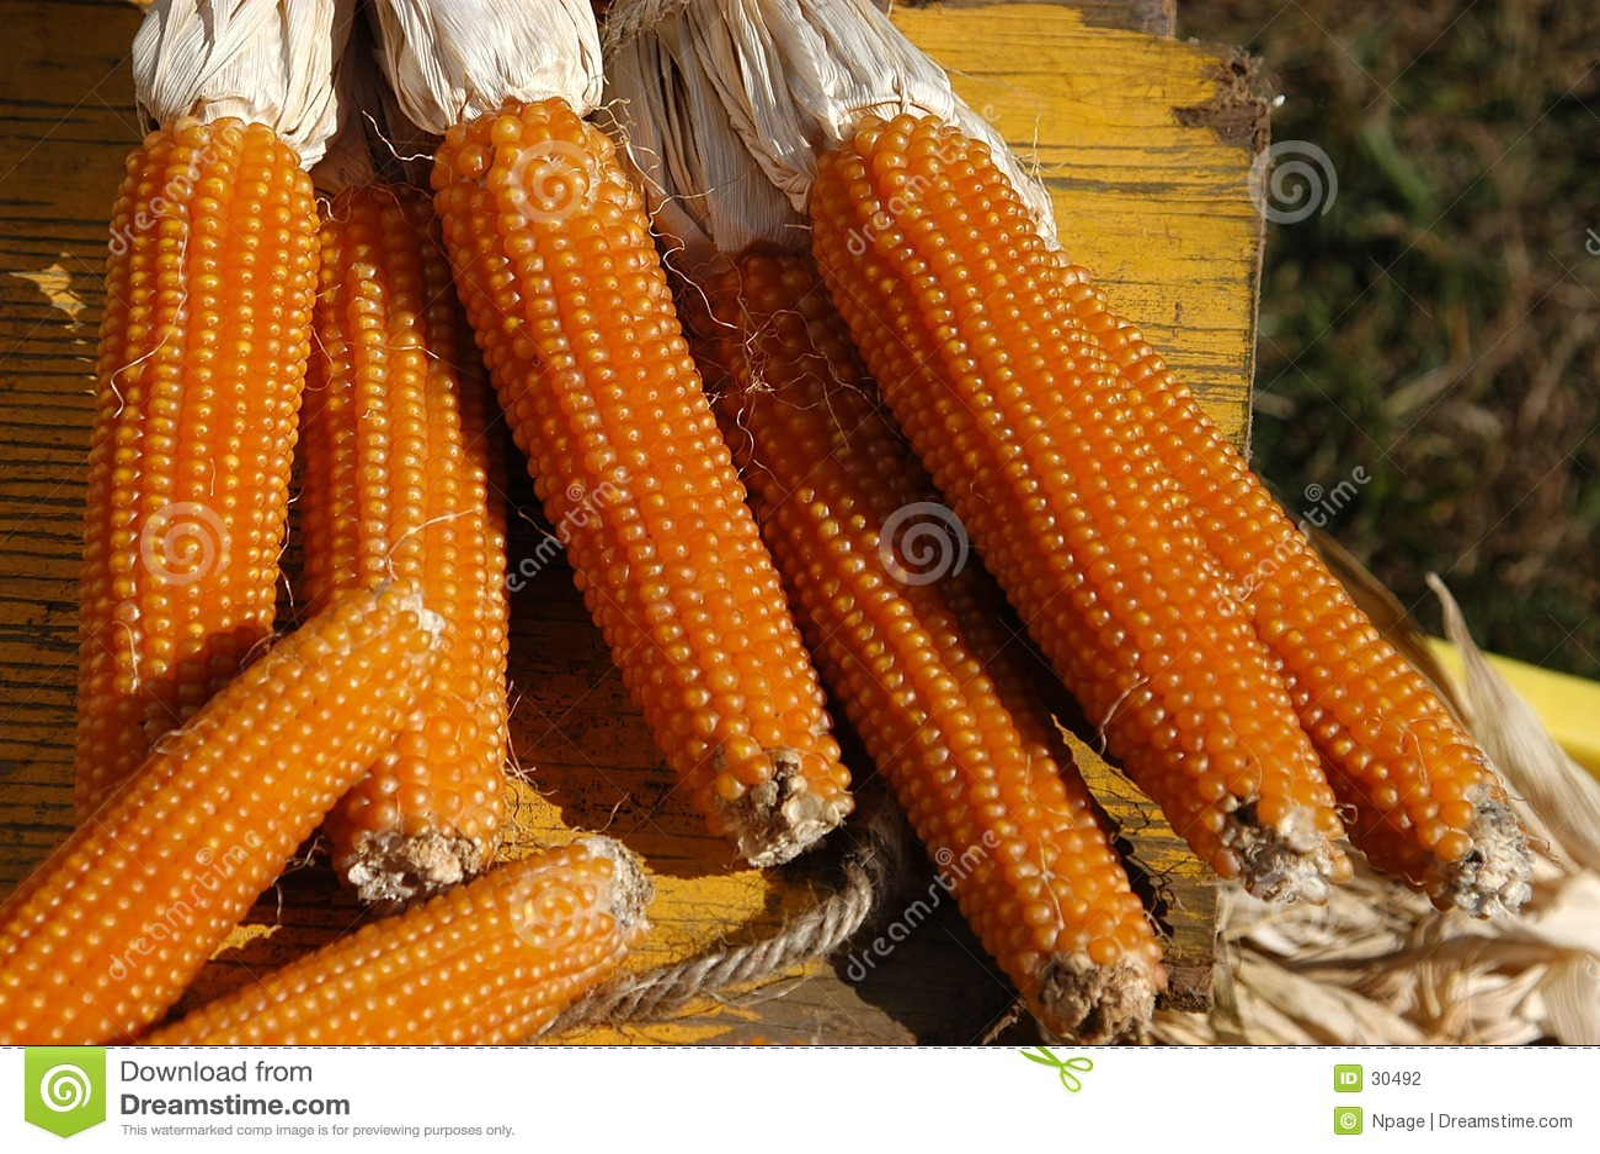 Download Fall-Ernte II stockfoto. Bild von ernte, landwirte, gelb - 30492